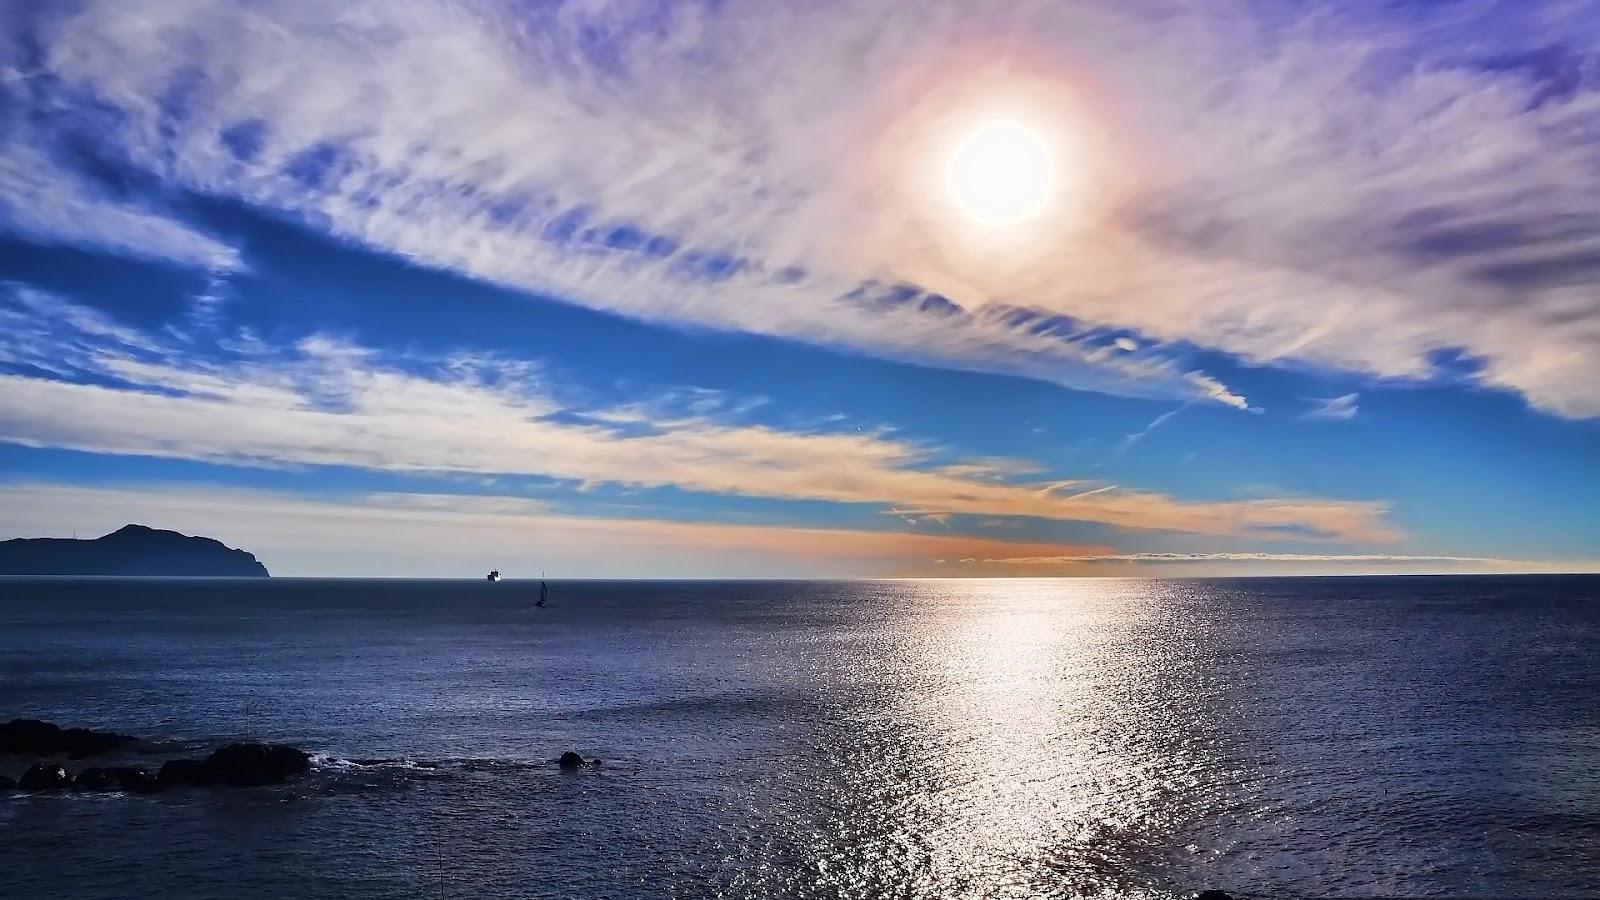 Seascape Sunset Full HD Nature Desktop Wallpaper for Laptop Widescreen 1600x900